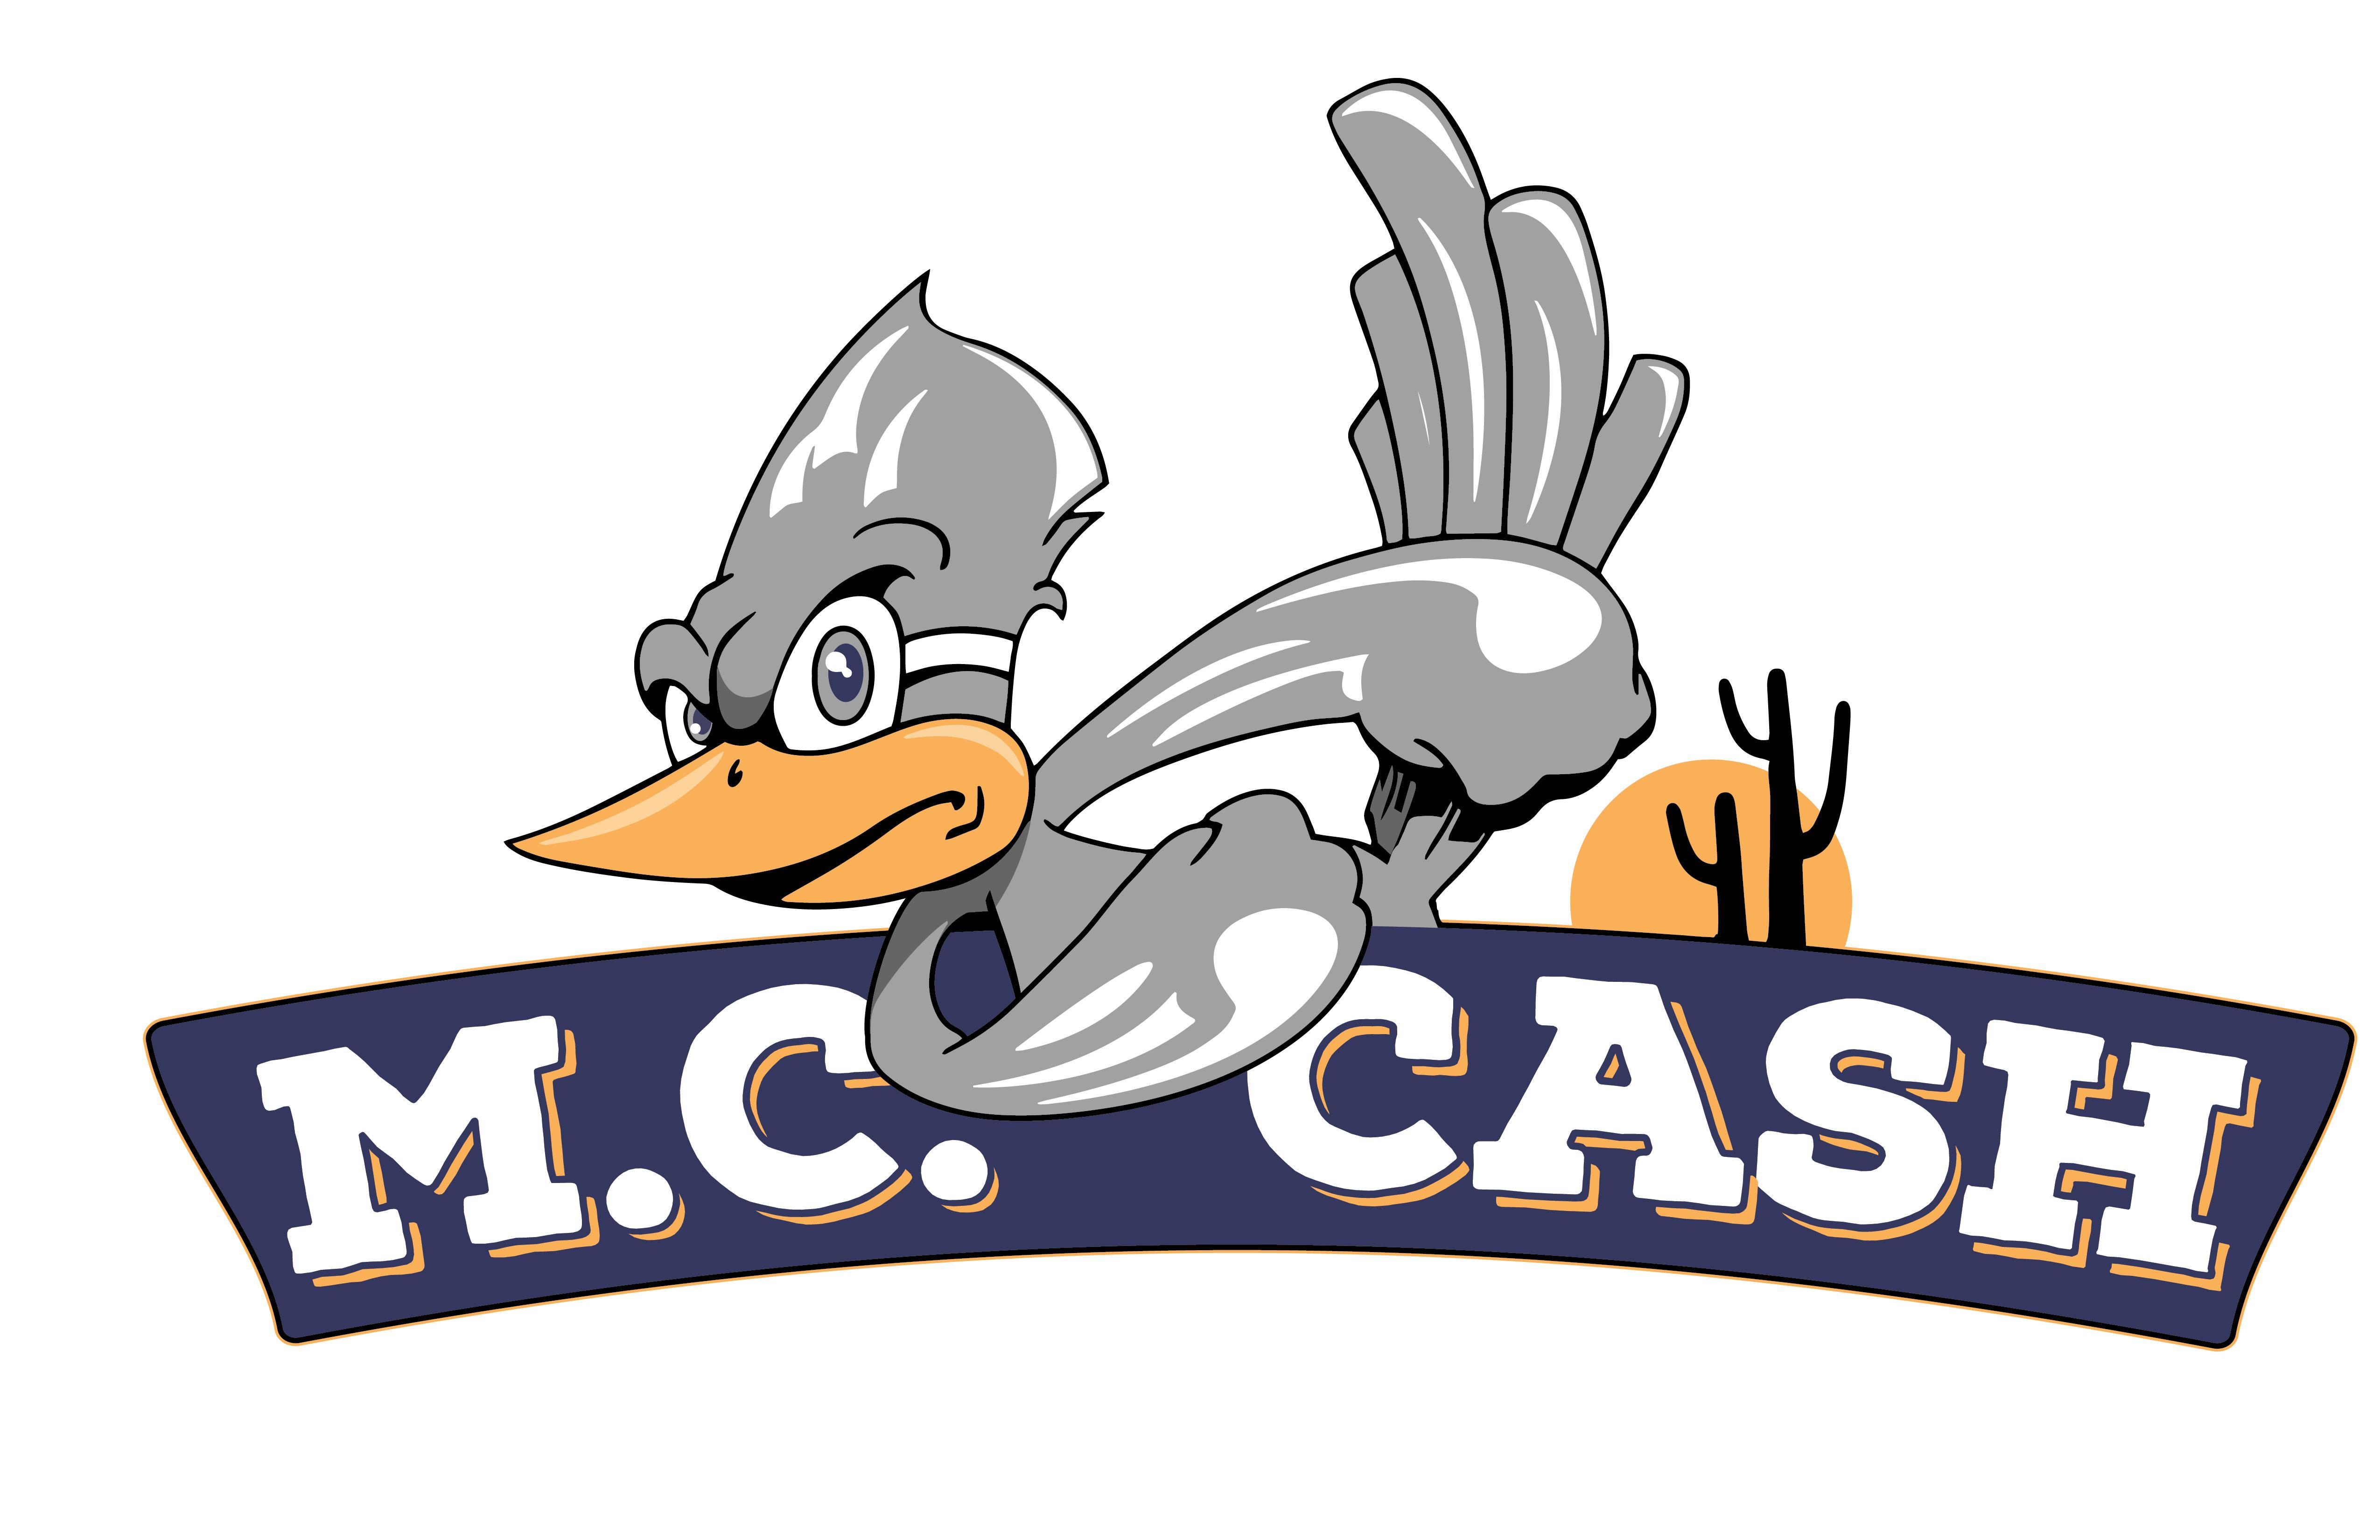 M.C. Cash